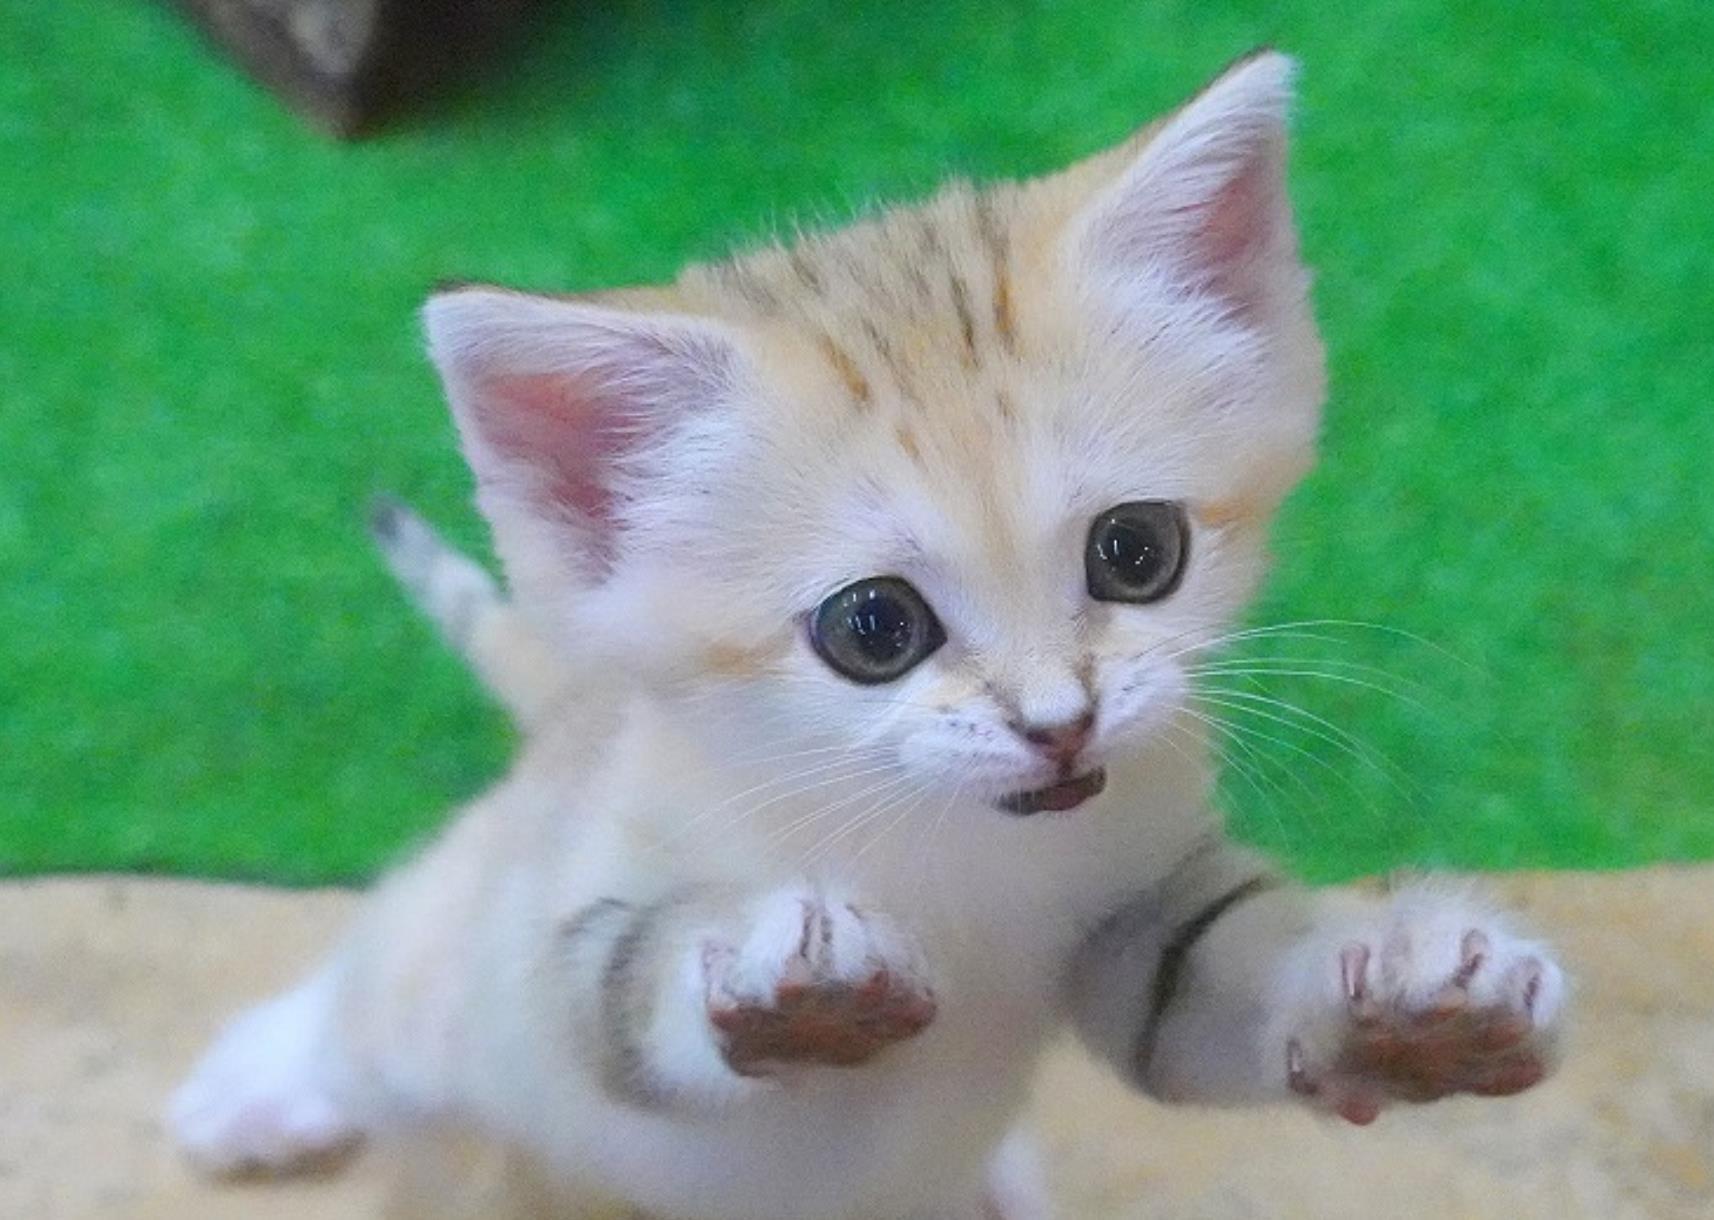 日本动物园的小沙漠猫,跟天使一样,简直太可爱了 猫 狗 宠物 动物园 动物 单机资讯  第3张